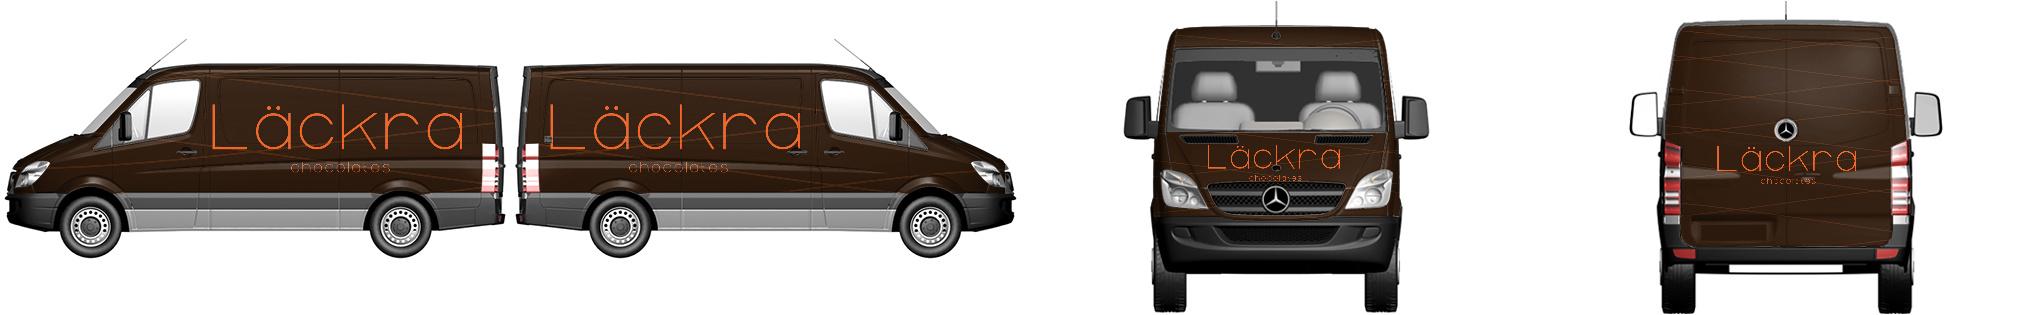 Van Wrap #976